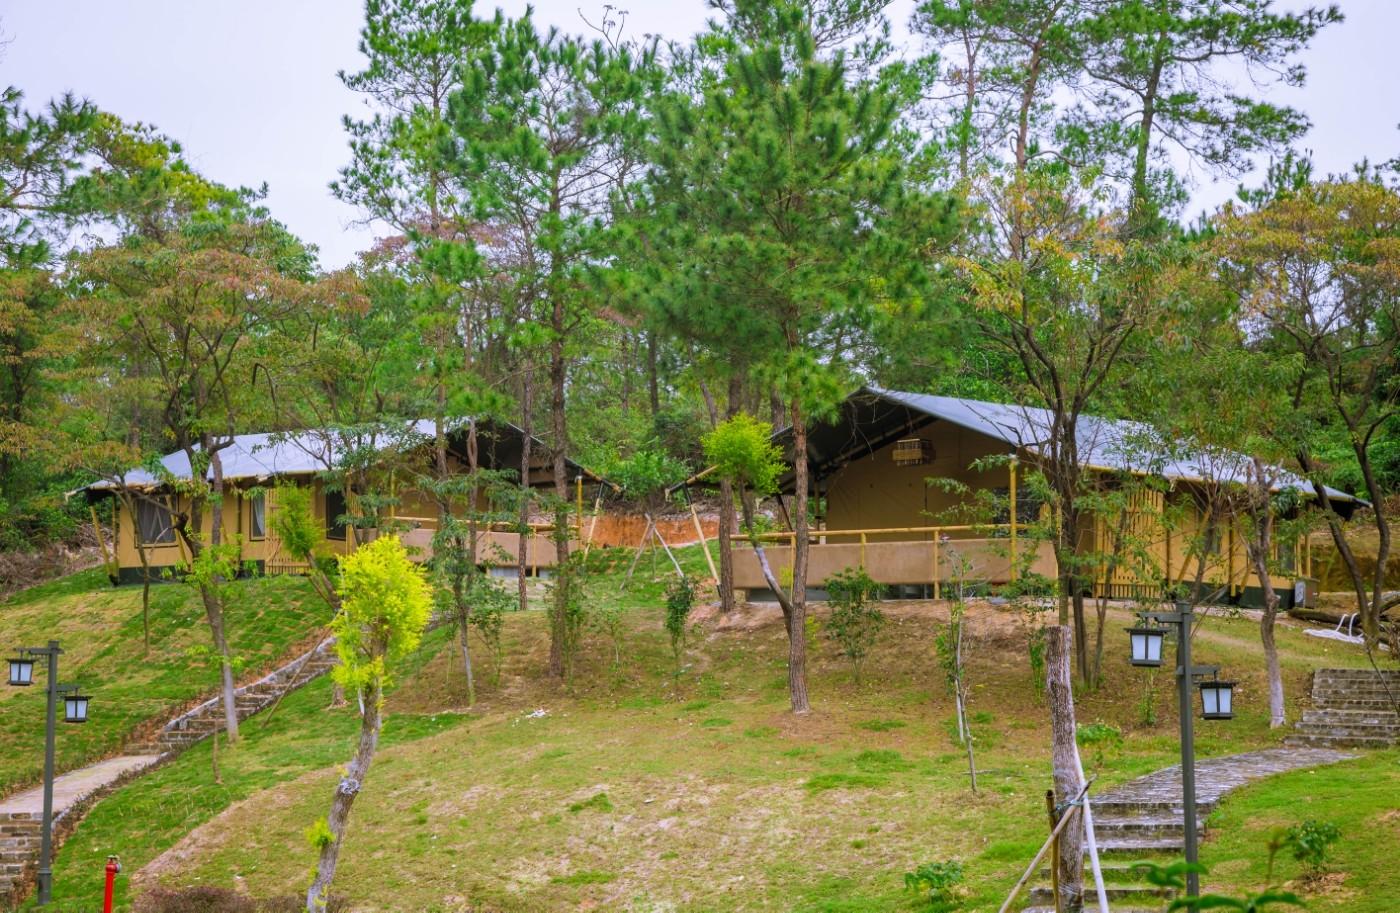 喜马拉雅野奢帐篷酒店—广州北迹露营平地帐篷酒店2